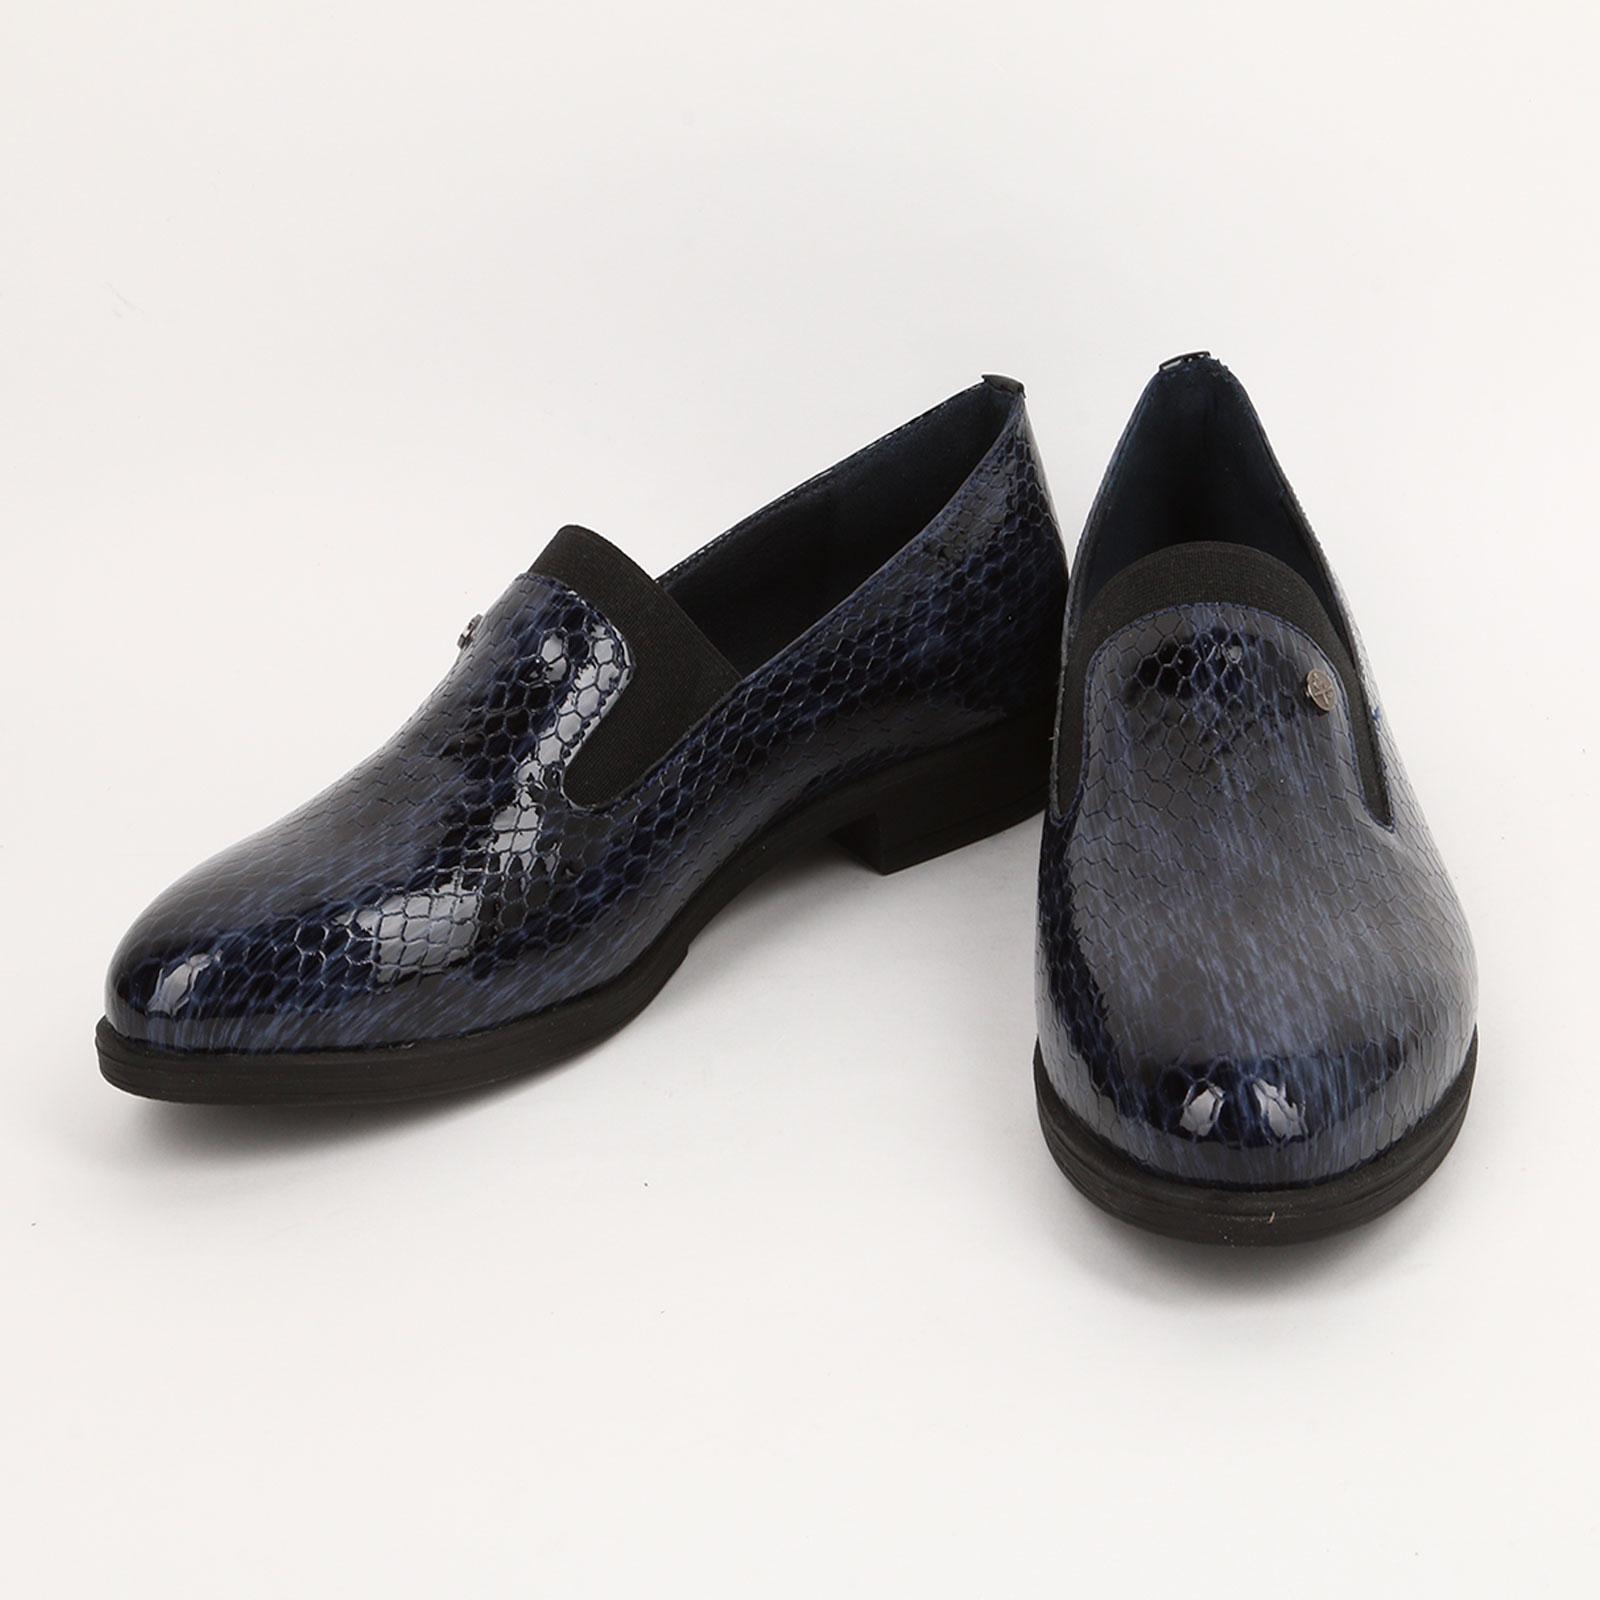 Полуботинки с фактурным рисунком и резинкой обувь shoiberg